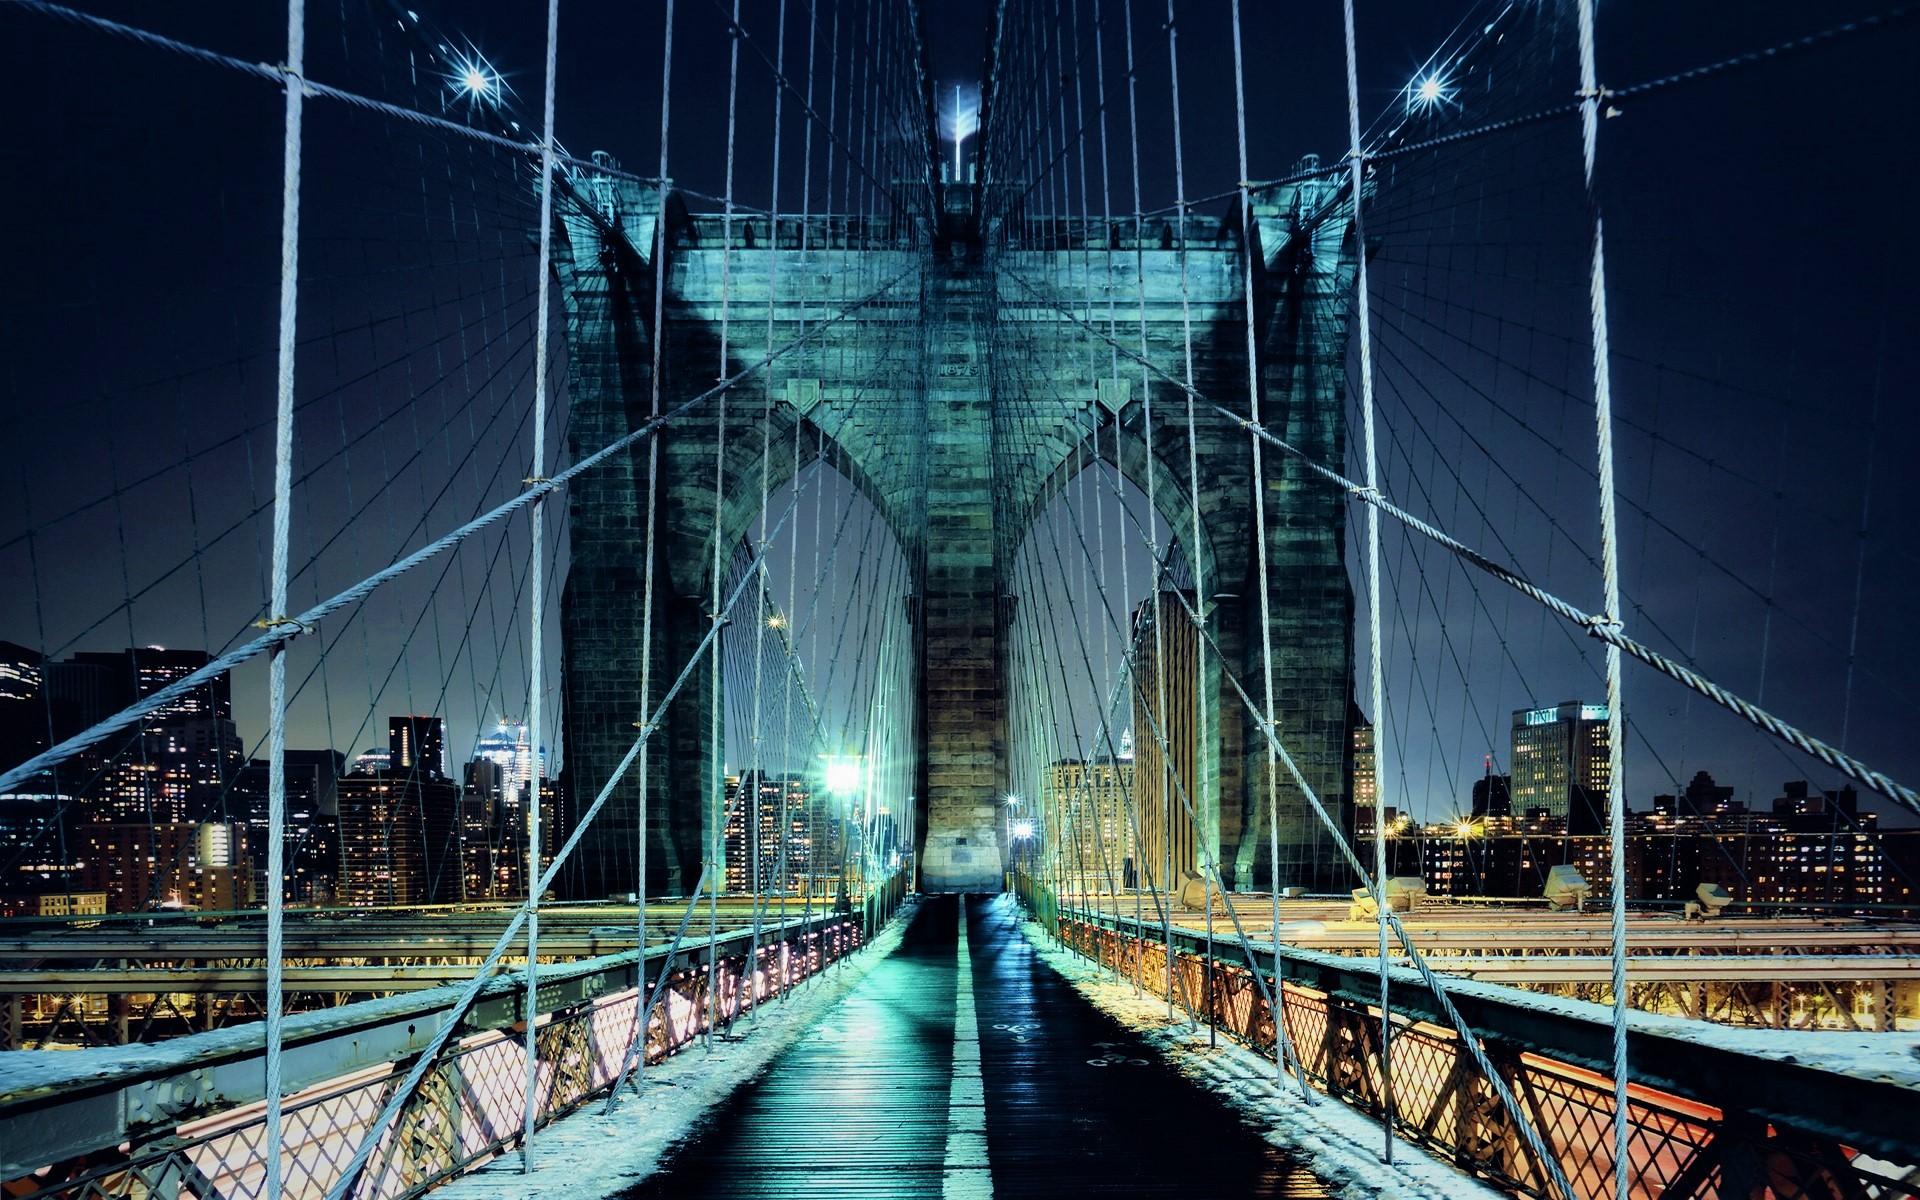 Bridge Night New York 1920x1200